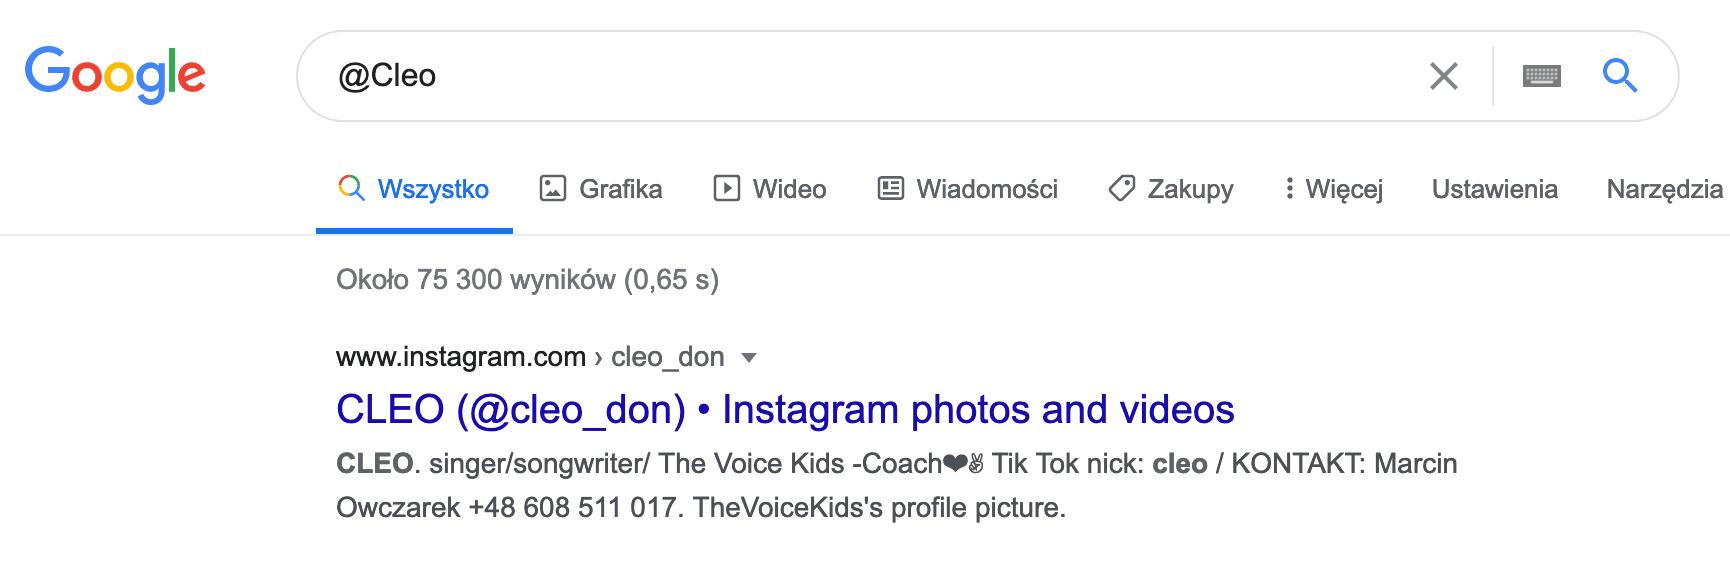 Szukanie na stronie Google profilu Cleo